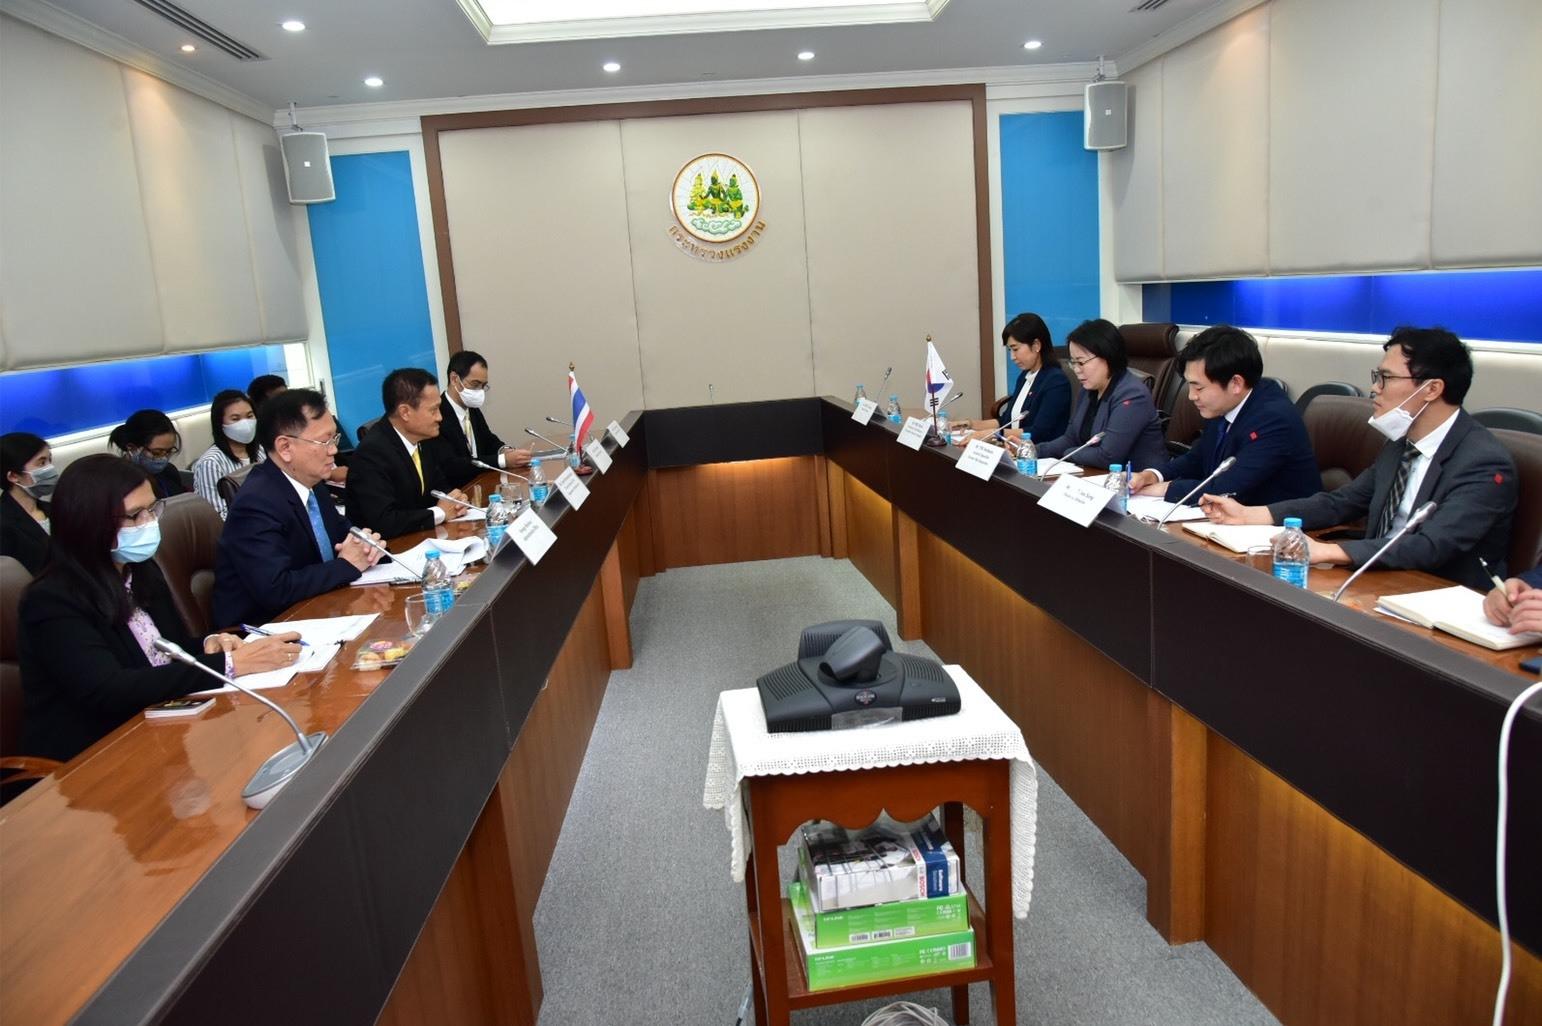 อธิบดีกรมการจัดหางาน ร่วมให้การต้อนรับ อัครราชทูตสาธารณรัฐเกาหลีประจำประเทศไทย